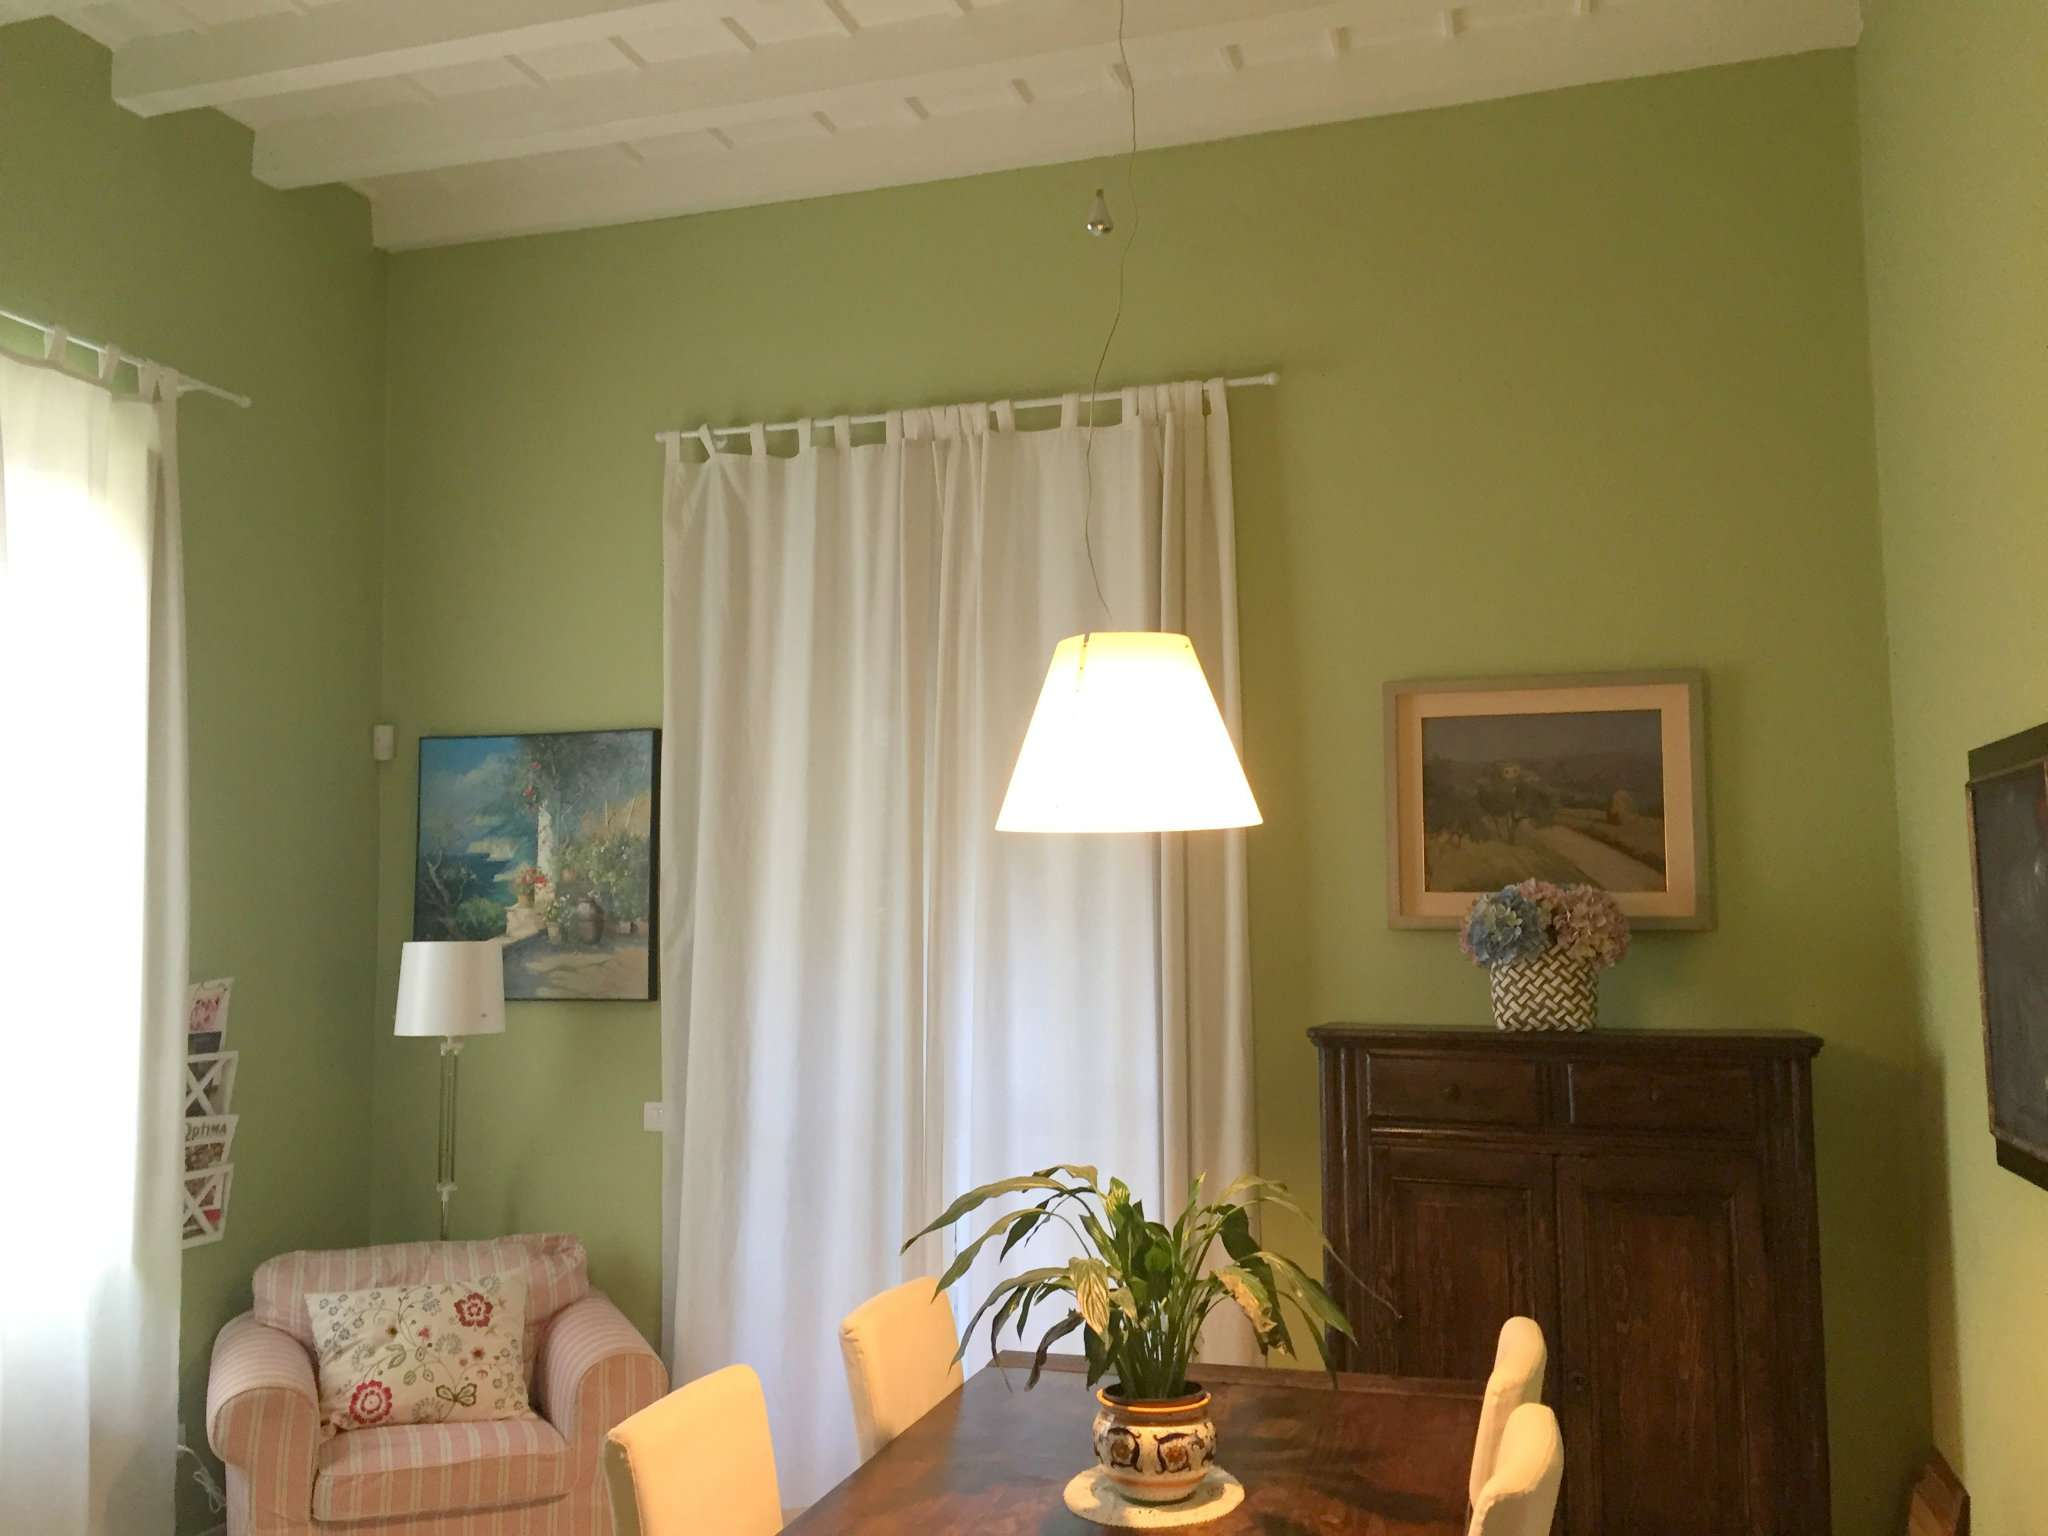 Villa in vendita a Monza, 5 locali, zona Zona: 1 . Centro Storico, San Gerardo, Via Lecco, prezzo € 465.000 | Cambio Casa.it